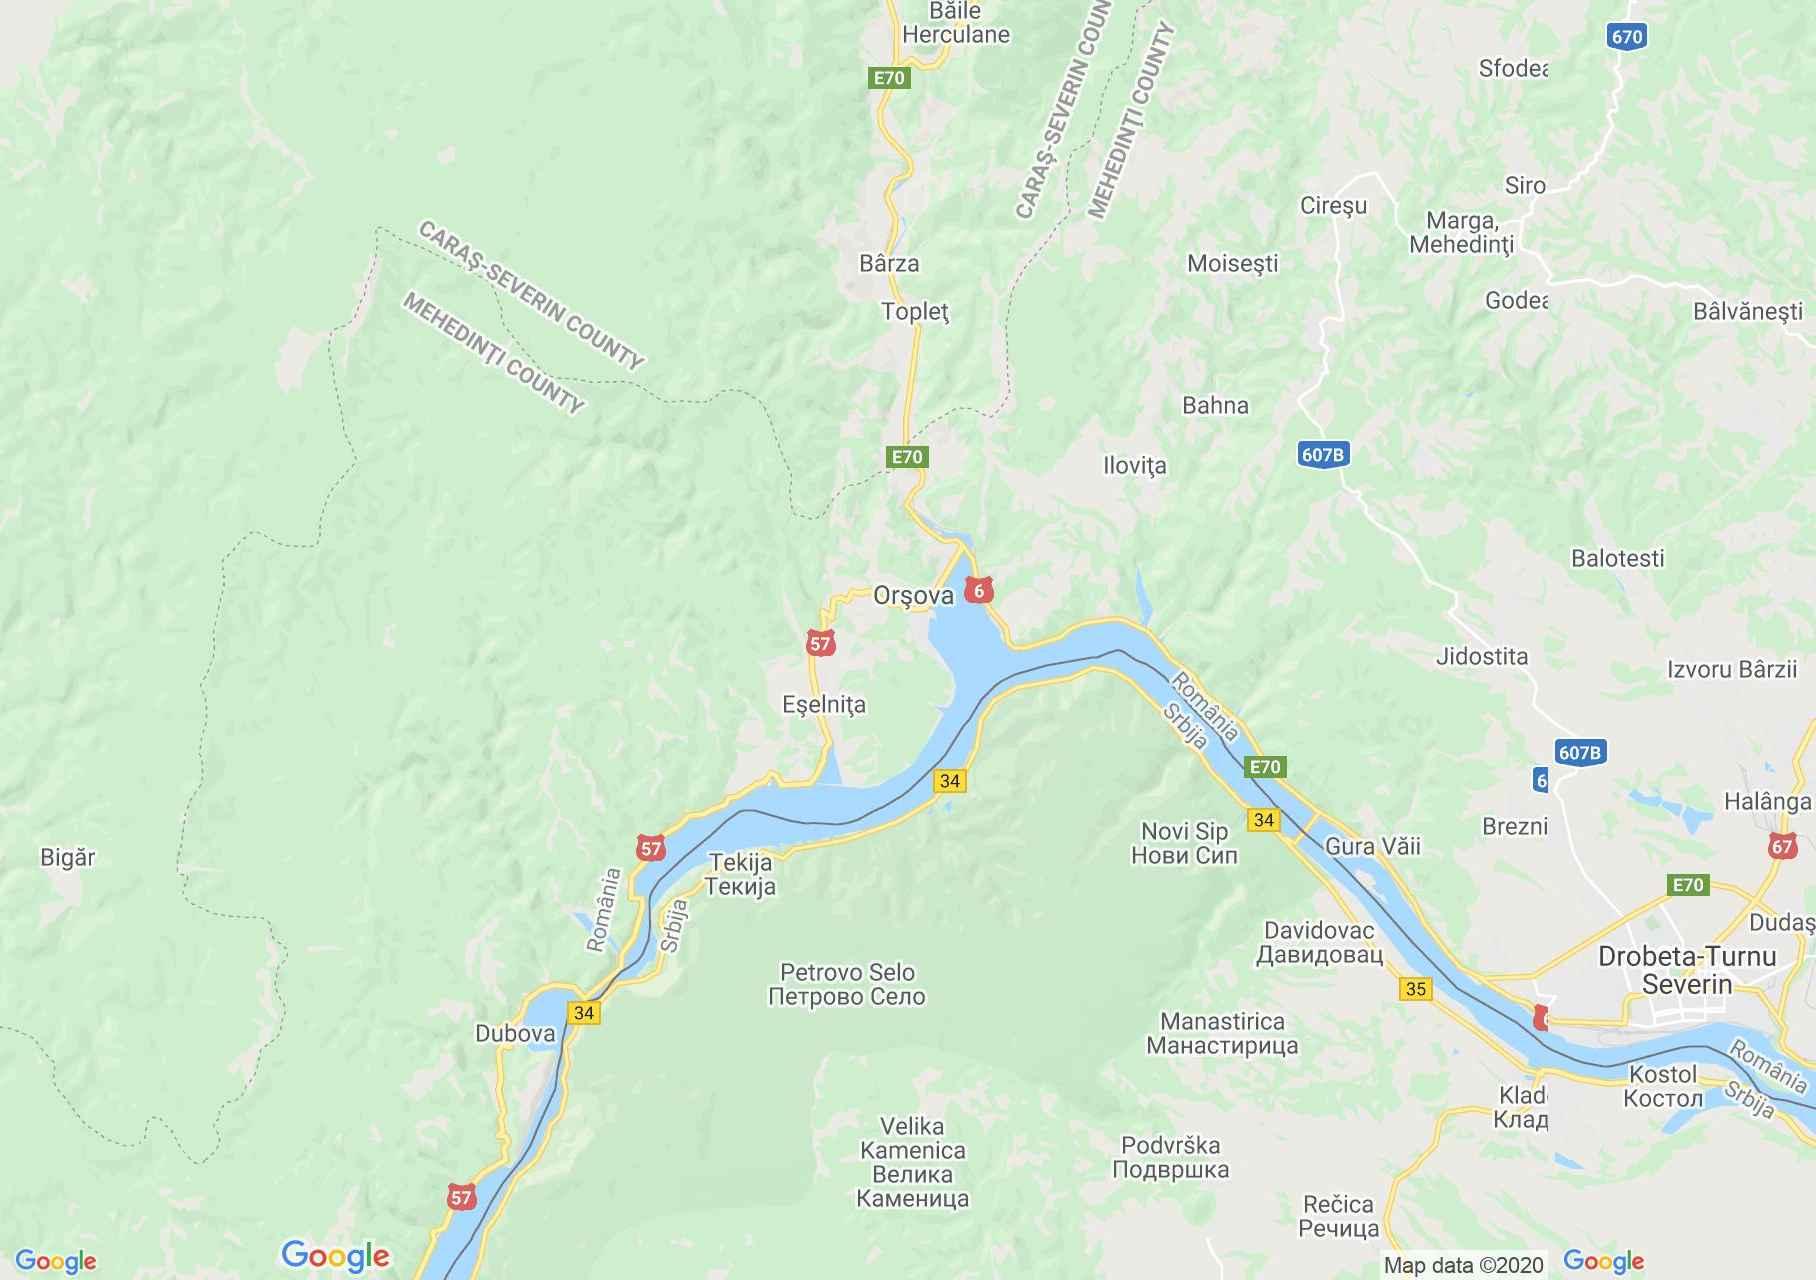 Zona Orşova, Harta turistică interactivă